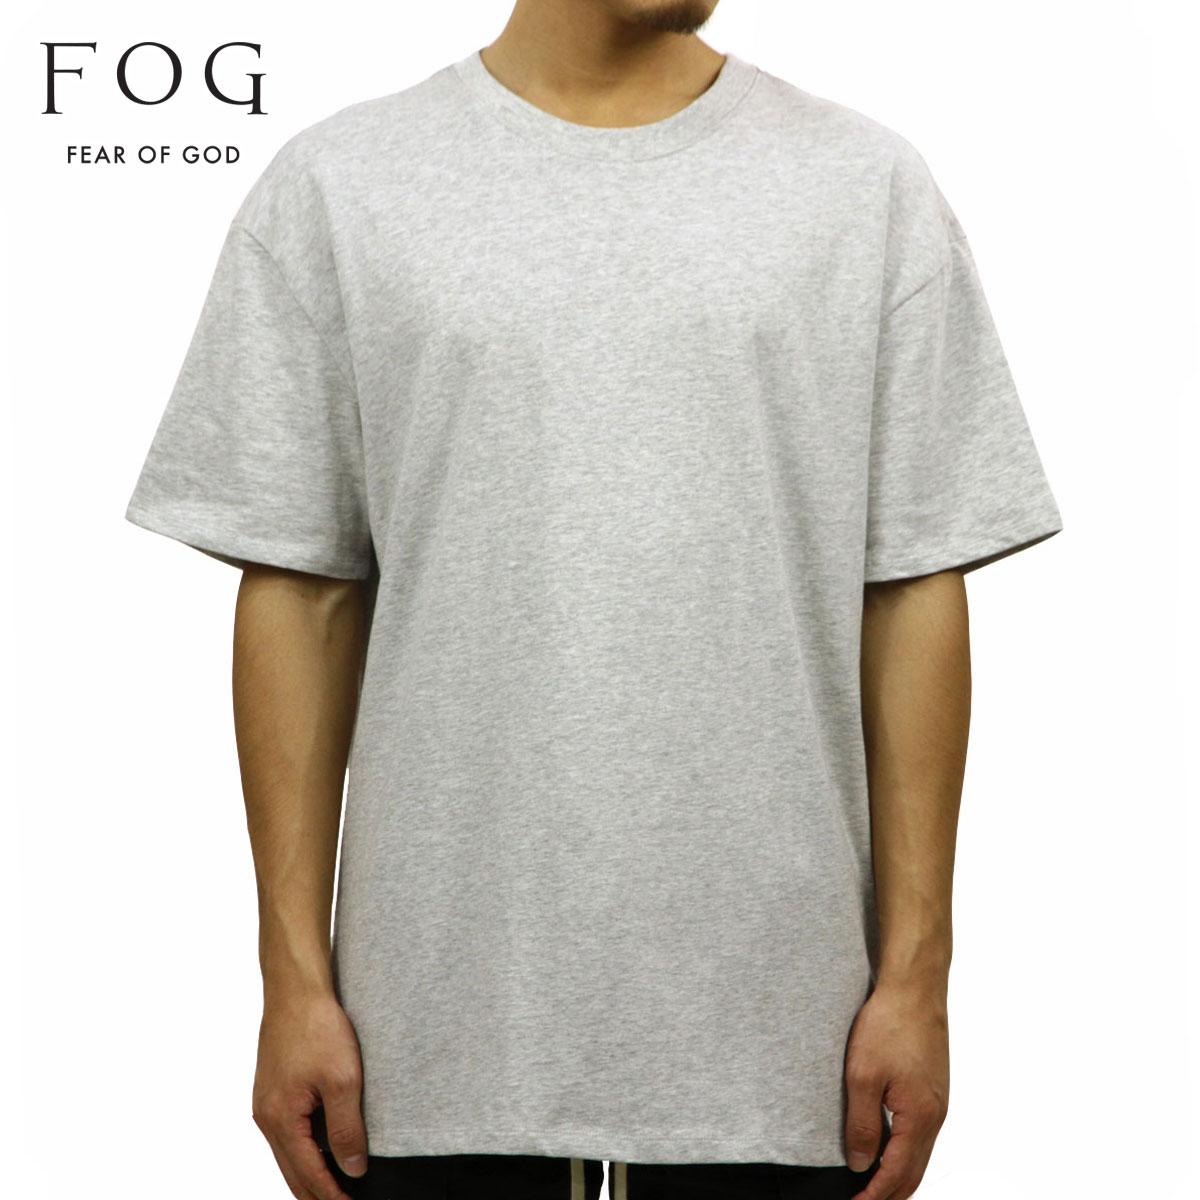 フィアオブゴッド FEAR OF GOD 正規品 メンズ クルーネック 無地 半袖Tシャツ FOG - FEAR OF GOD ESSENTIALS BOXY T-SHIRT HEATHER GREY